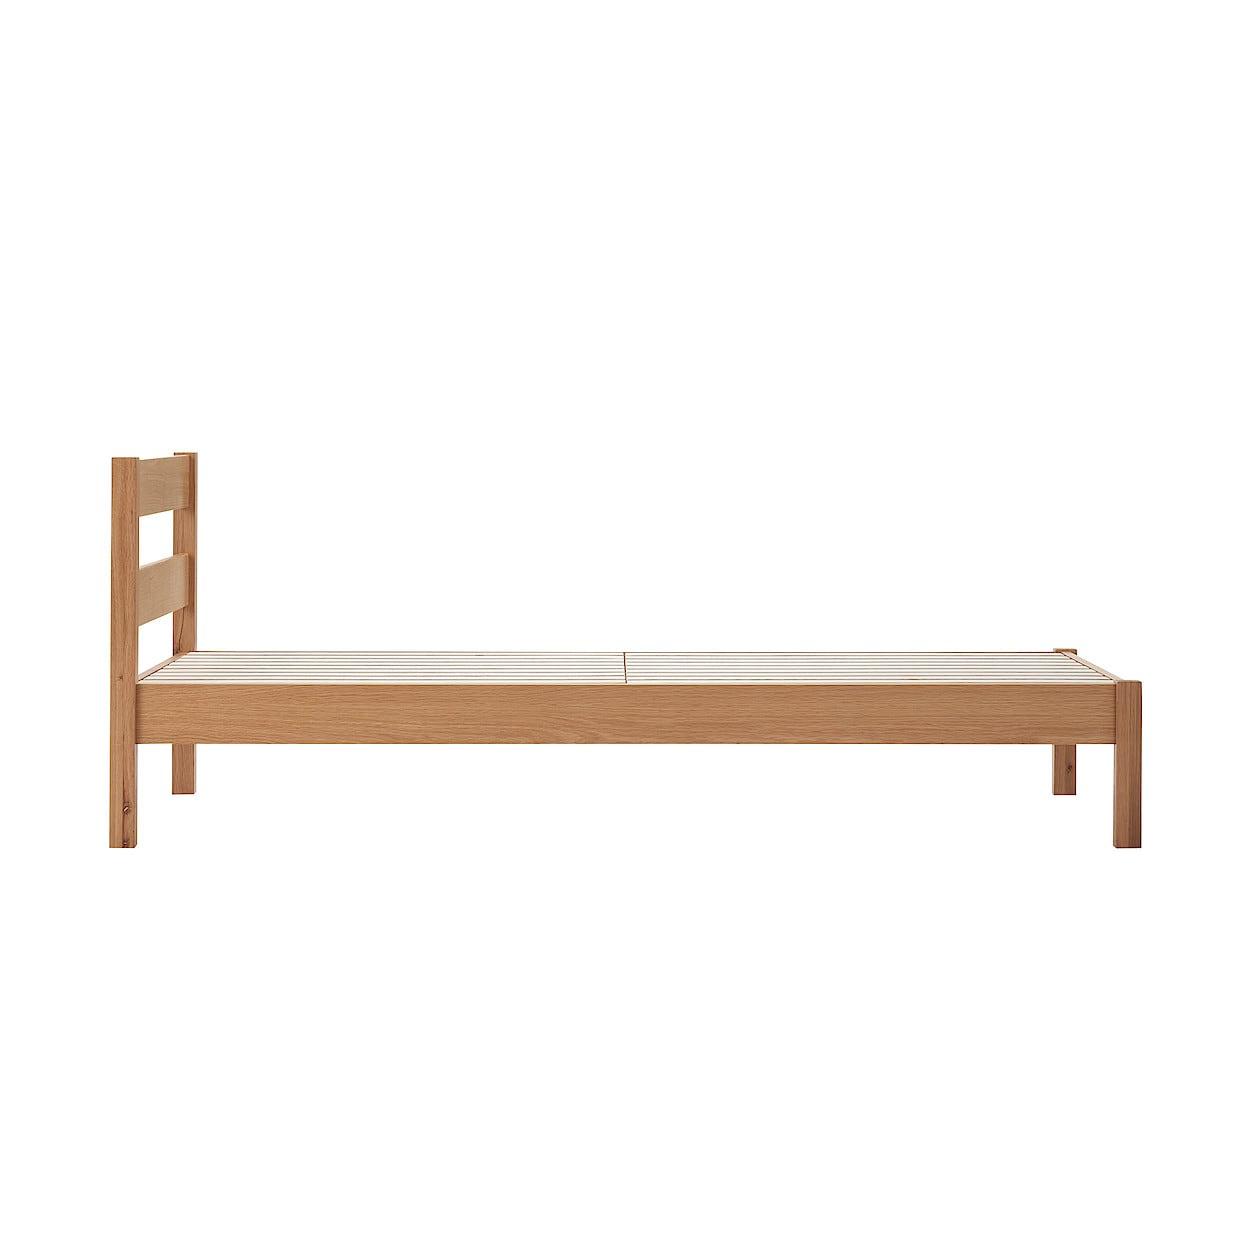 木製ベッド オーク材突板